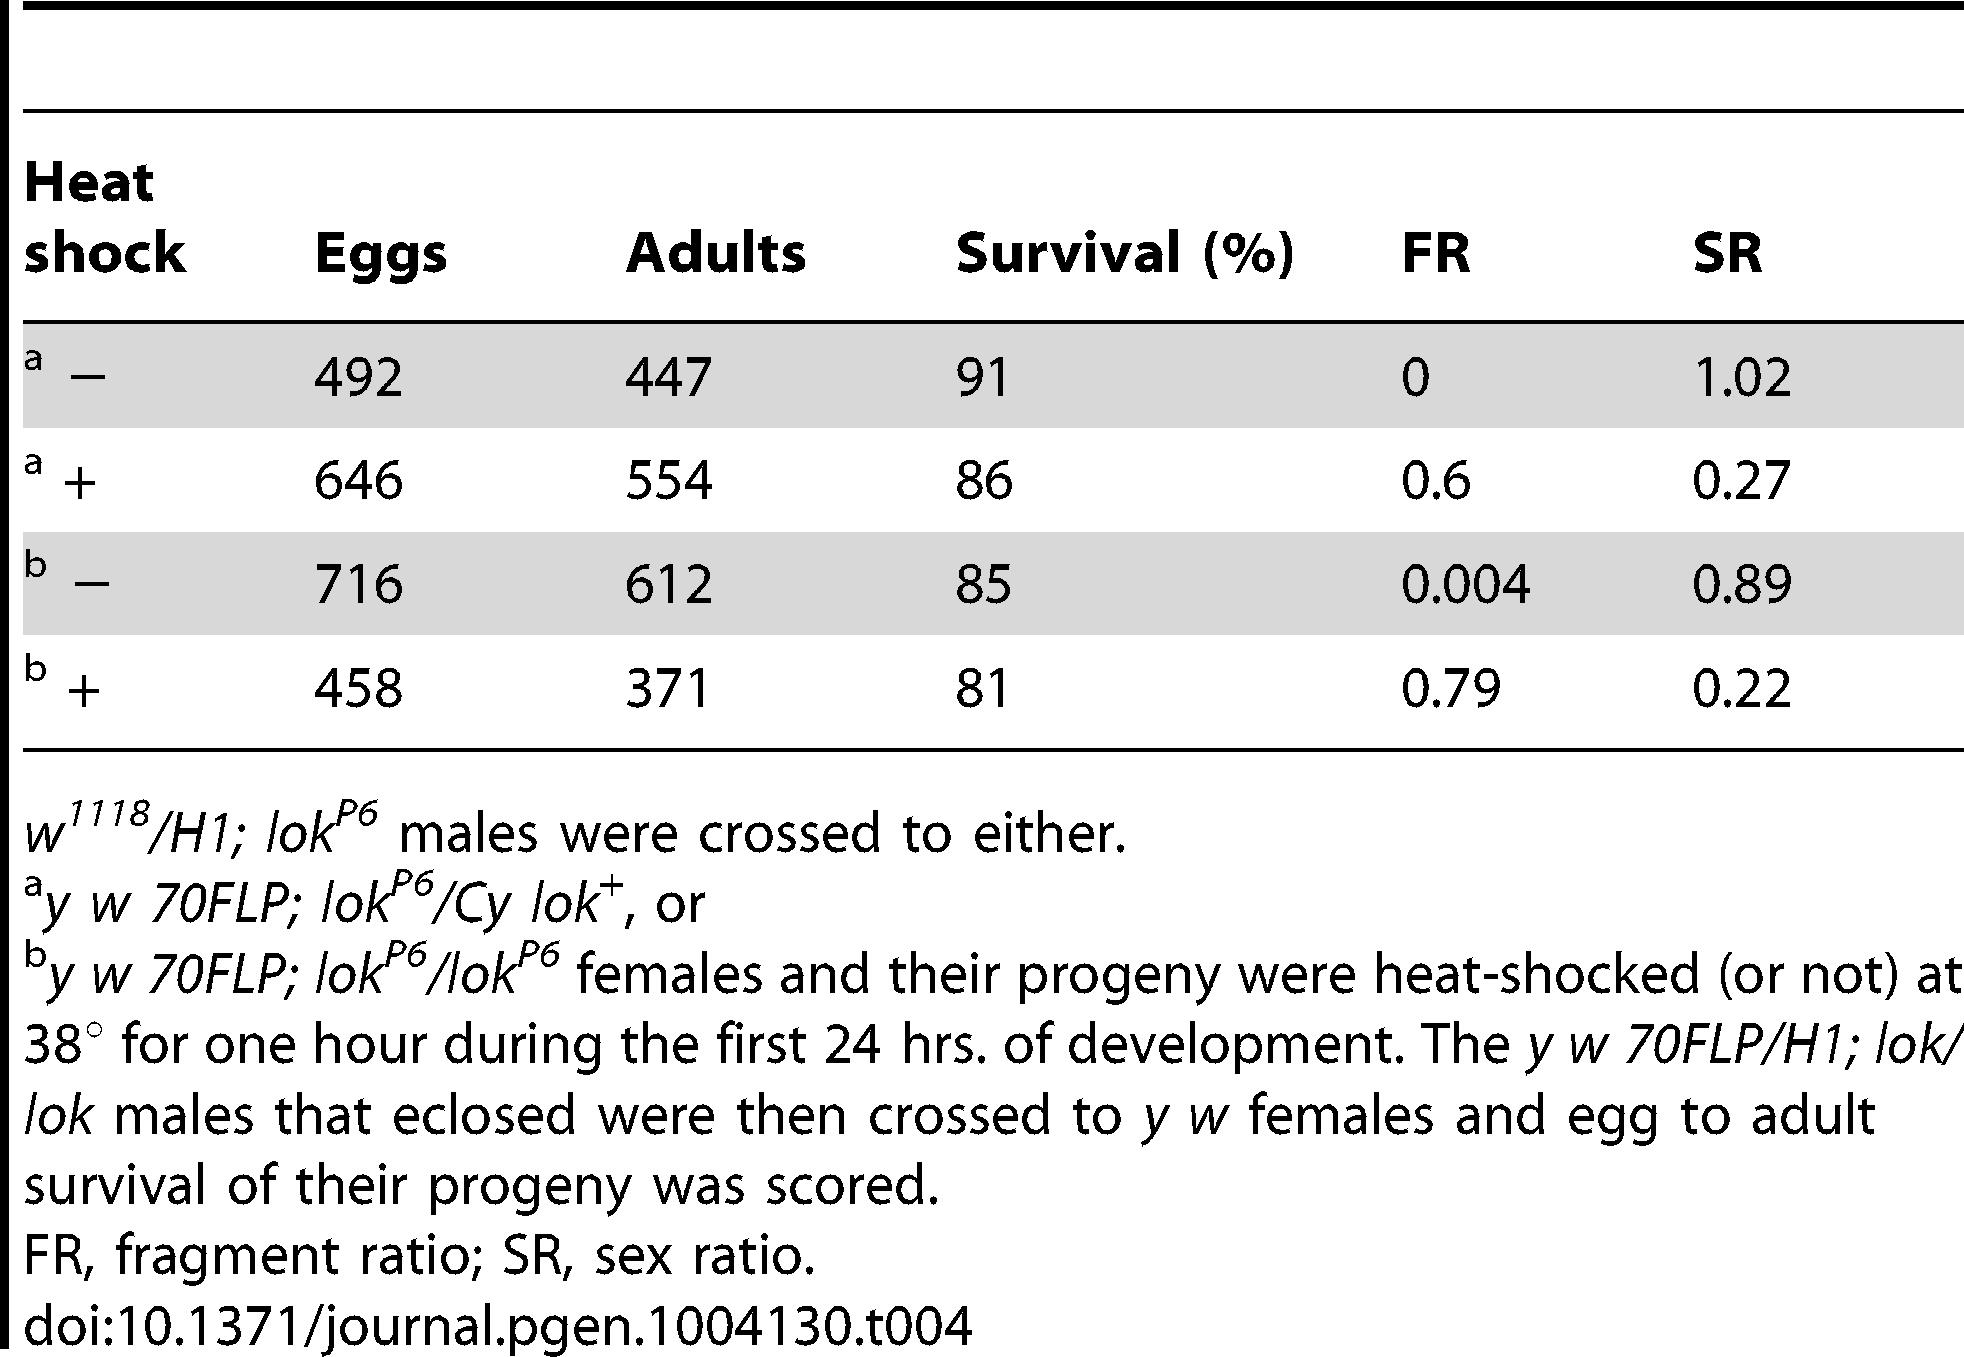 Viability of eggs fertilized by <i>y w 70FLP3F/DcY, H1; lok/lok</i> males.